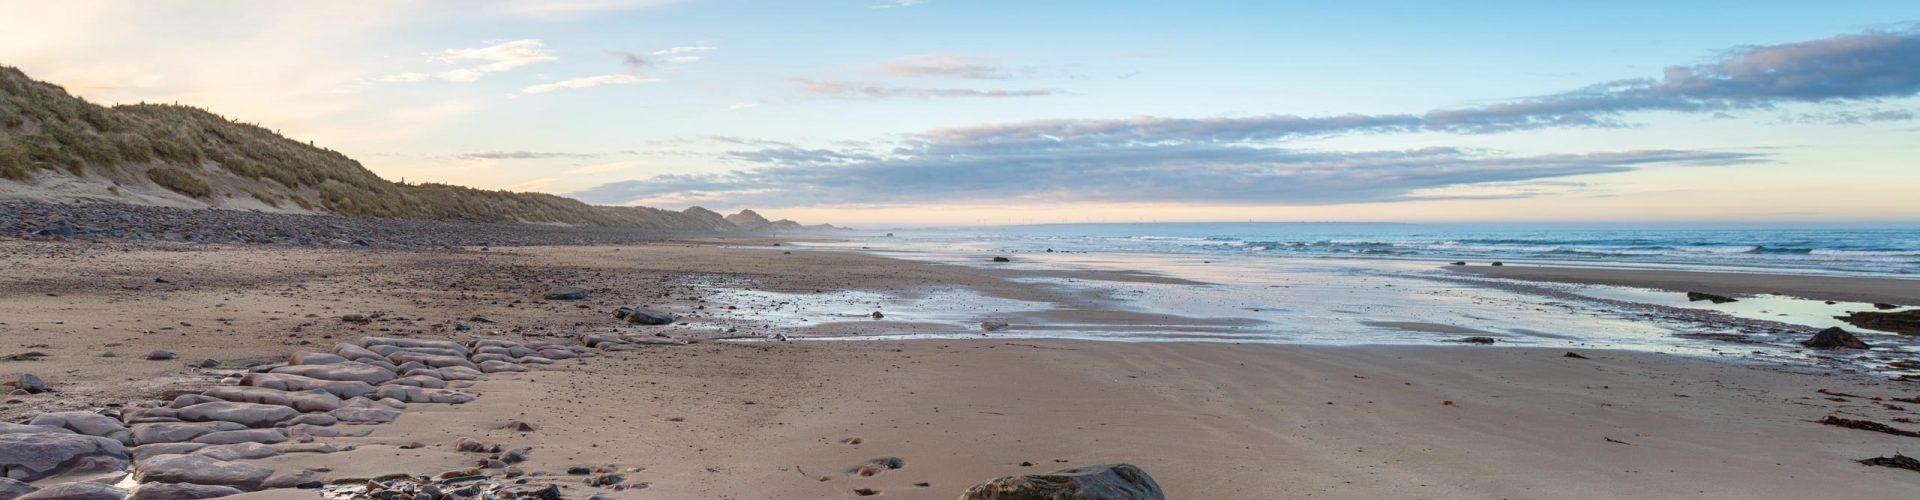 Sinclair Bay beach at Reiss near Wick in Scotland